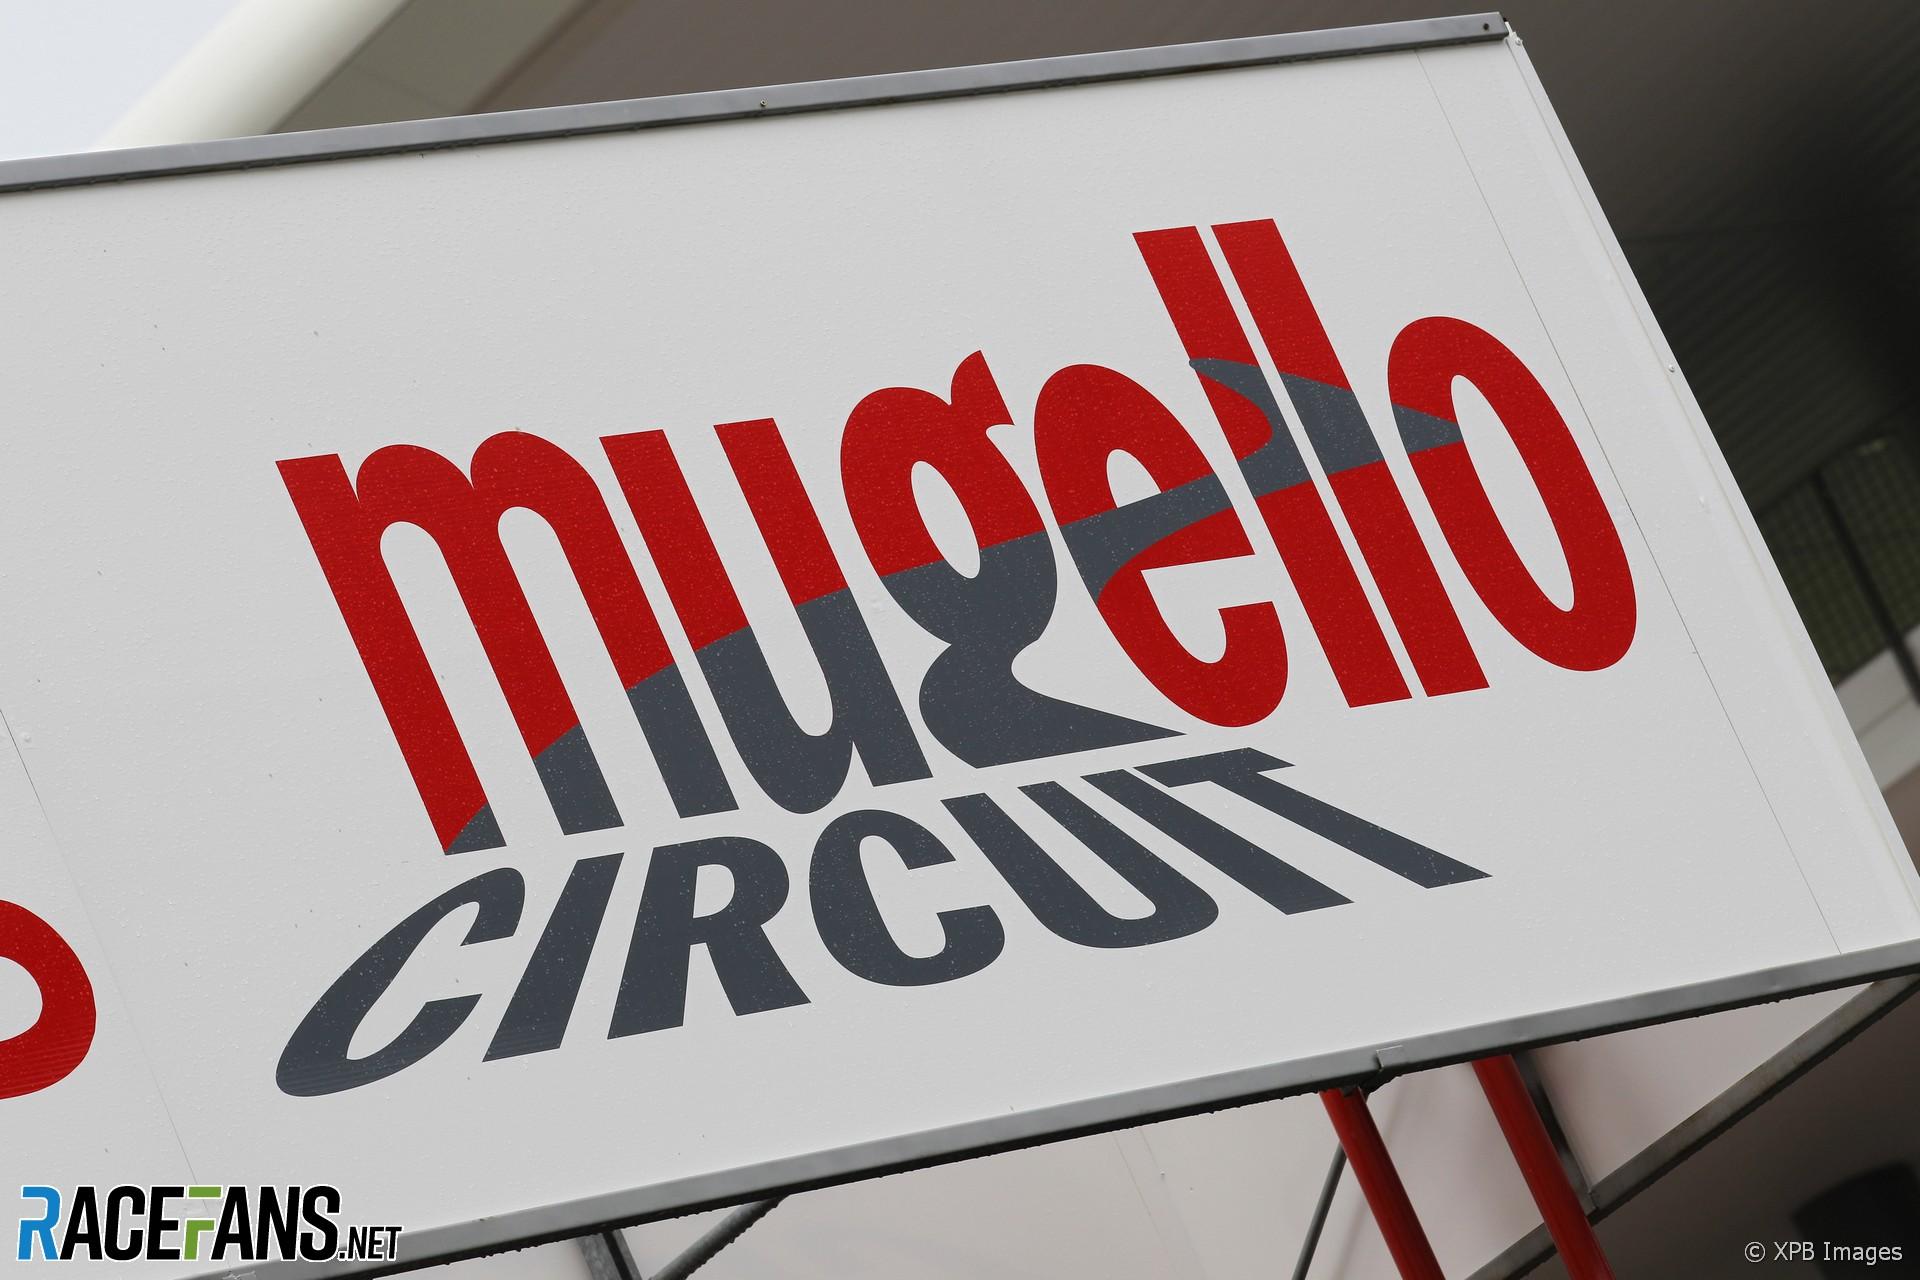 Mugello circuit logo, 2012